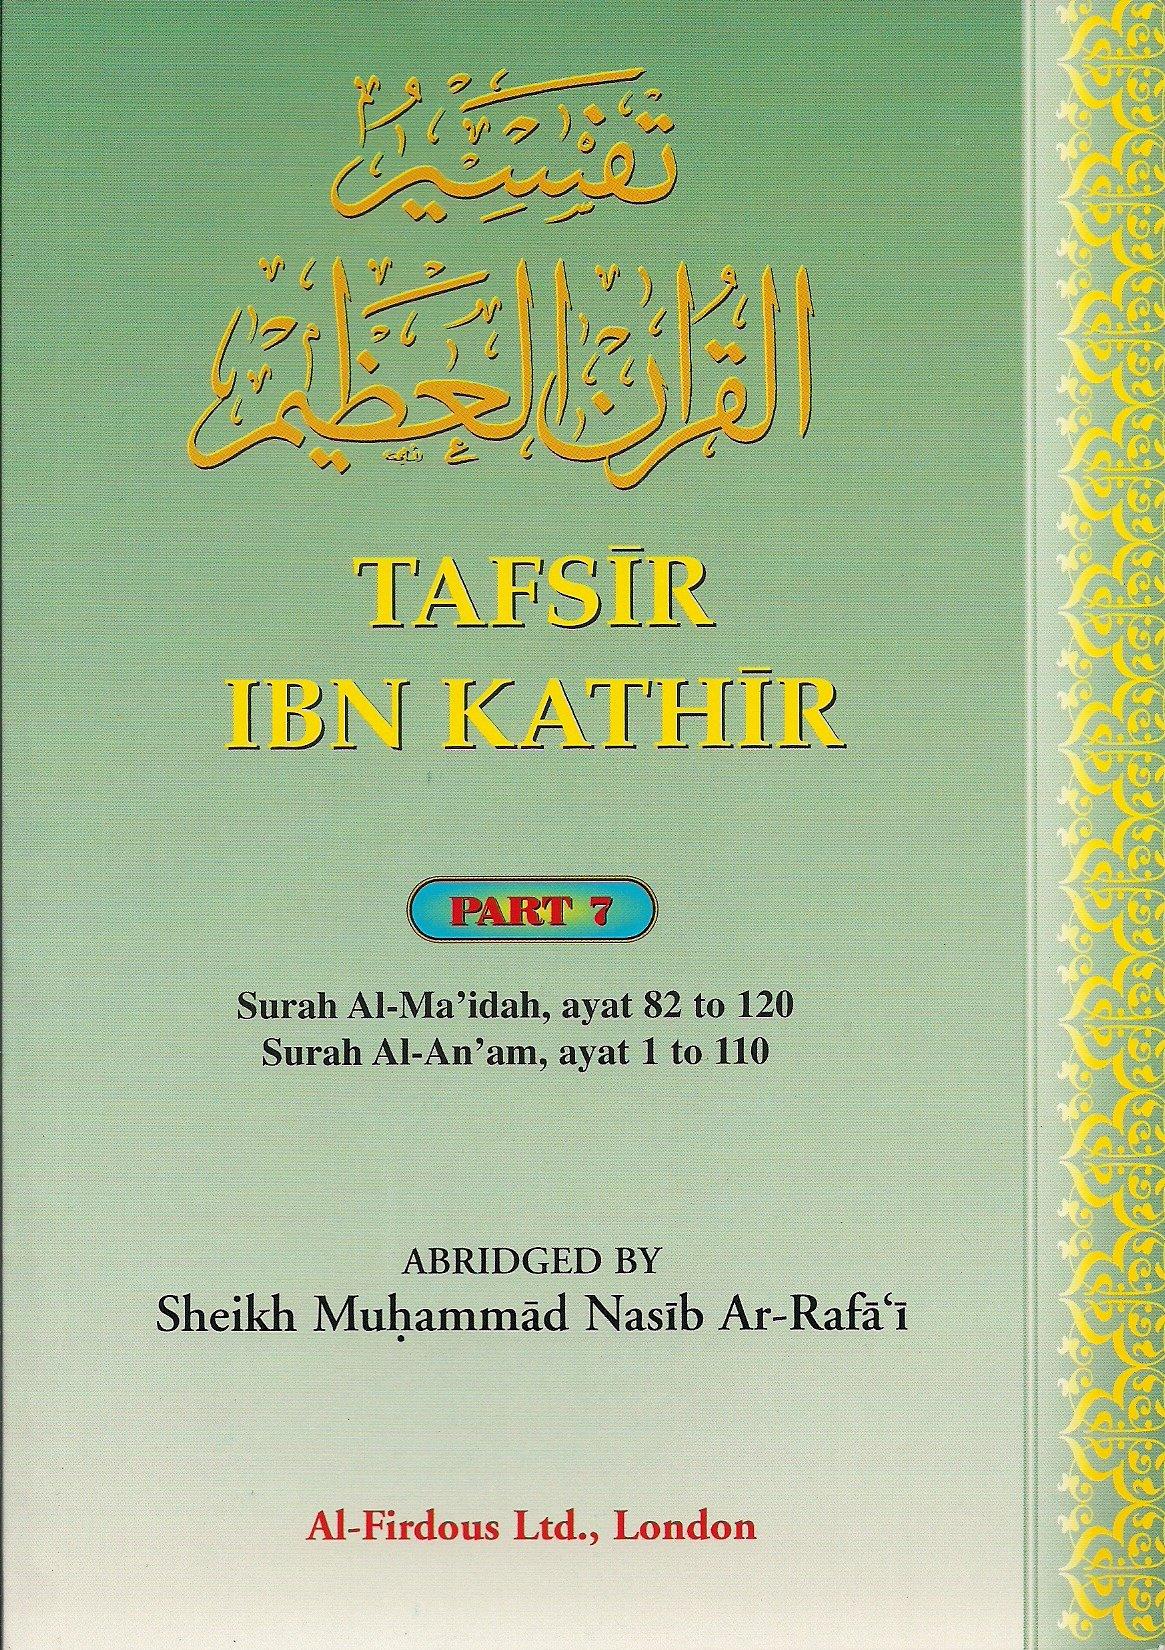 Tafsir Ibn Kathir Part 7 Abridged PDF